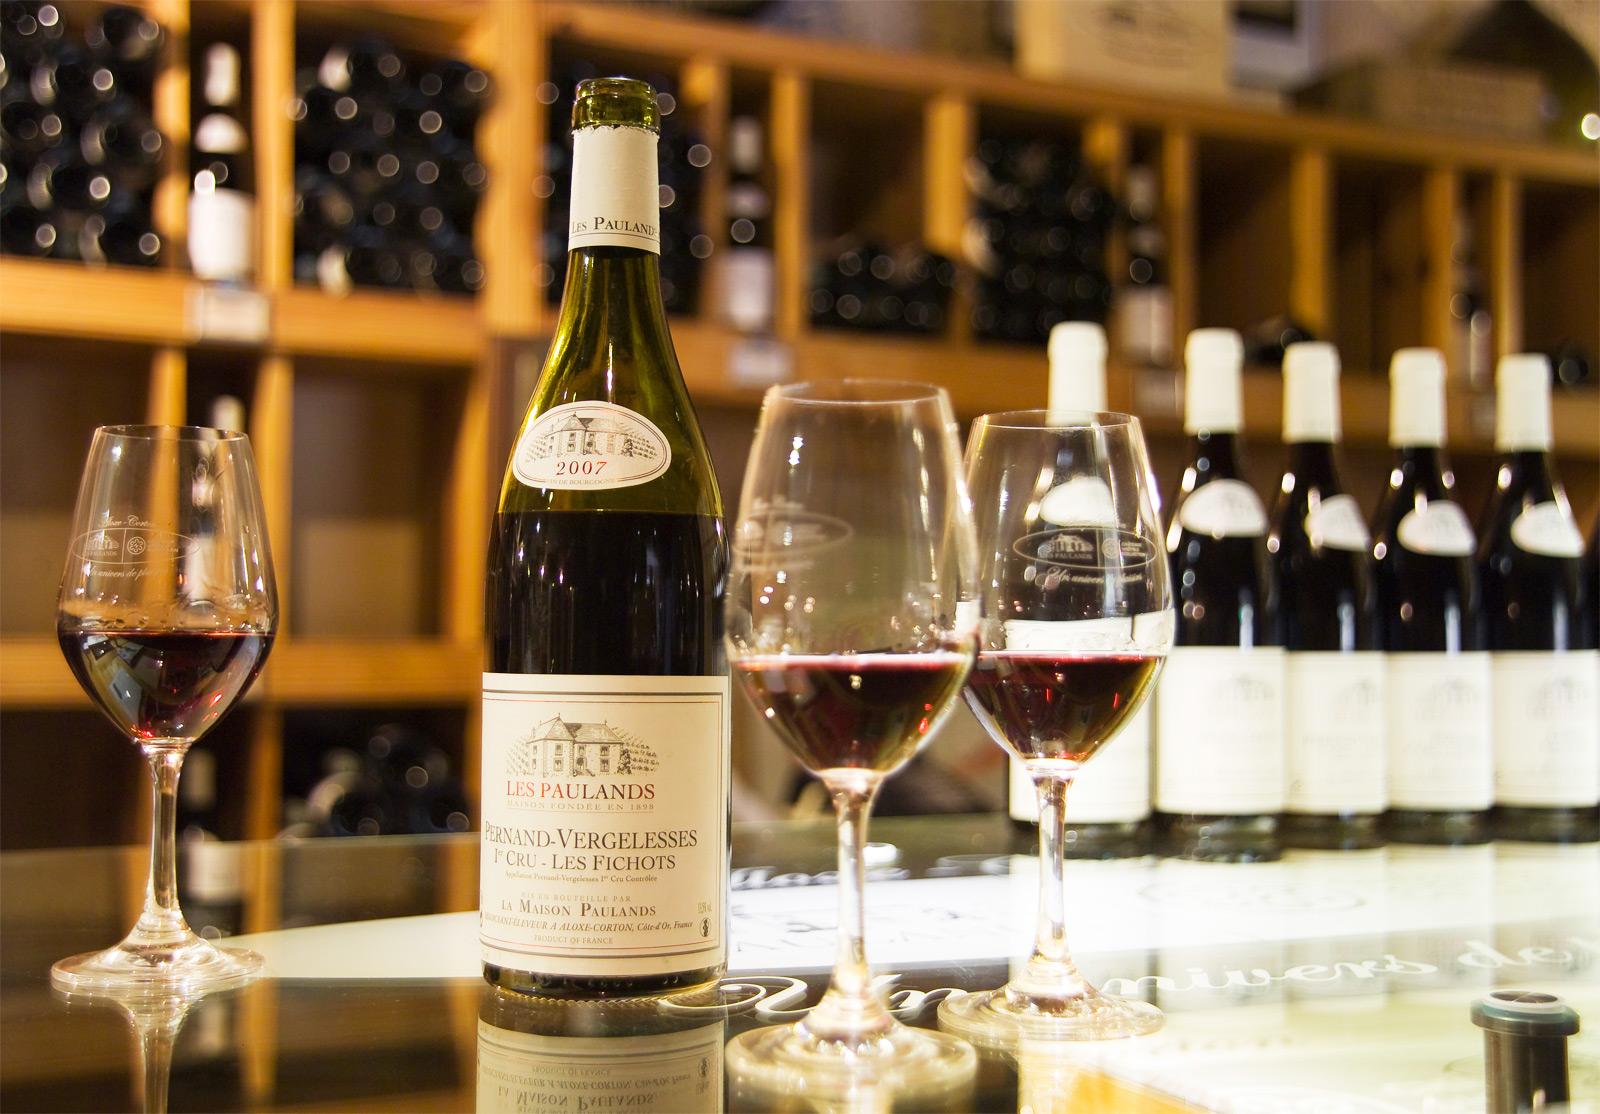 Vendez votre vin en ligne grâce à achatvin.net